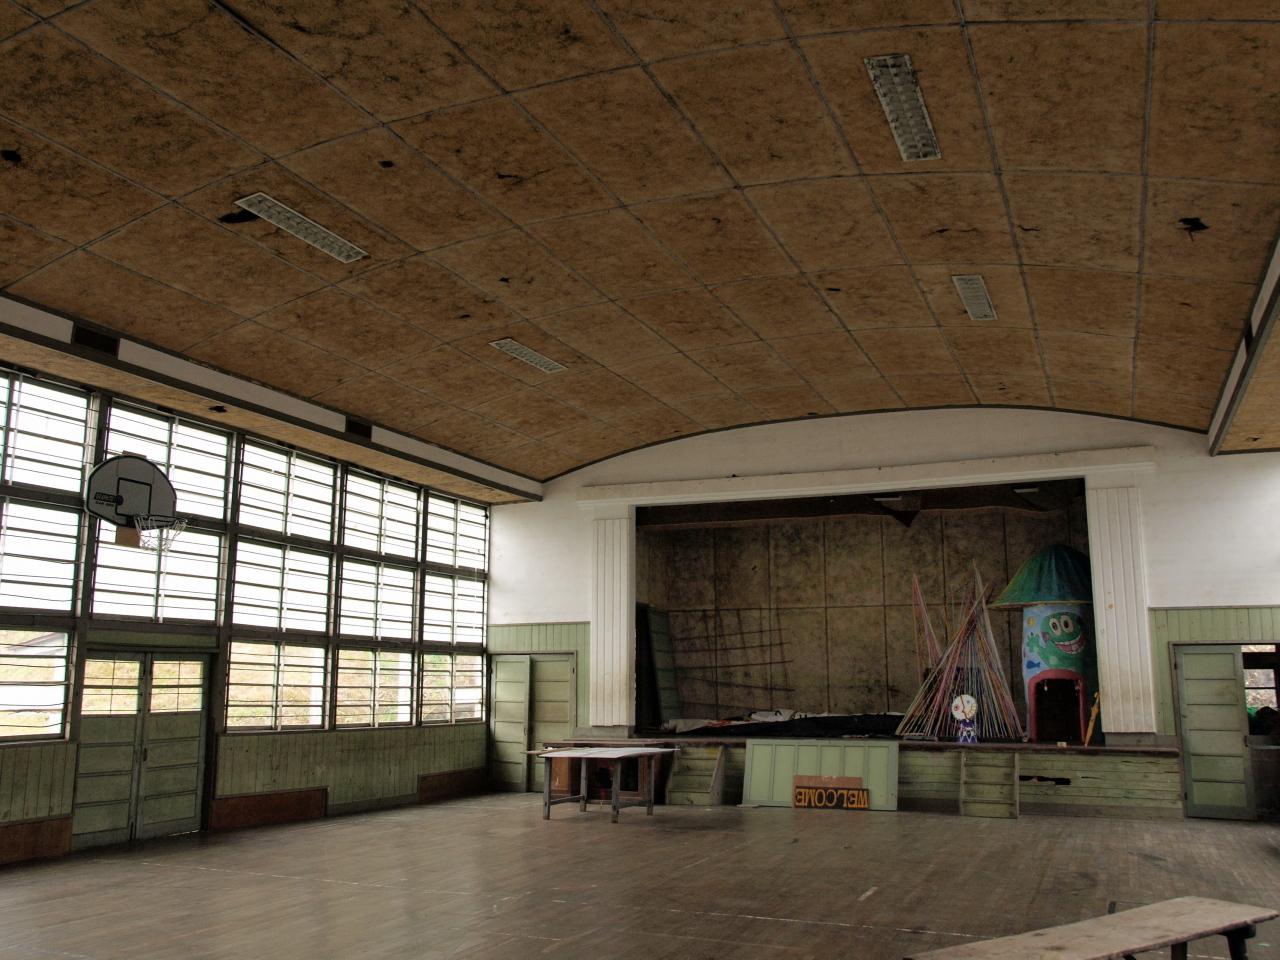 天井のアーチ